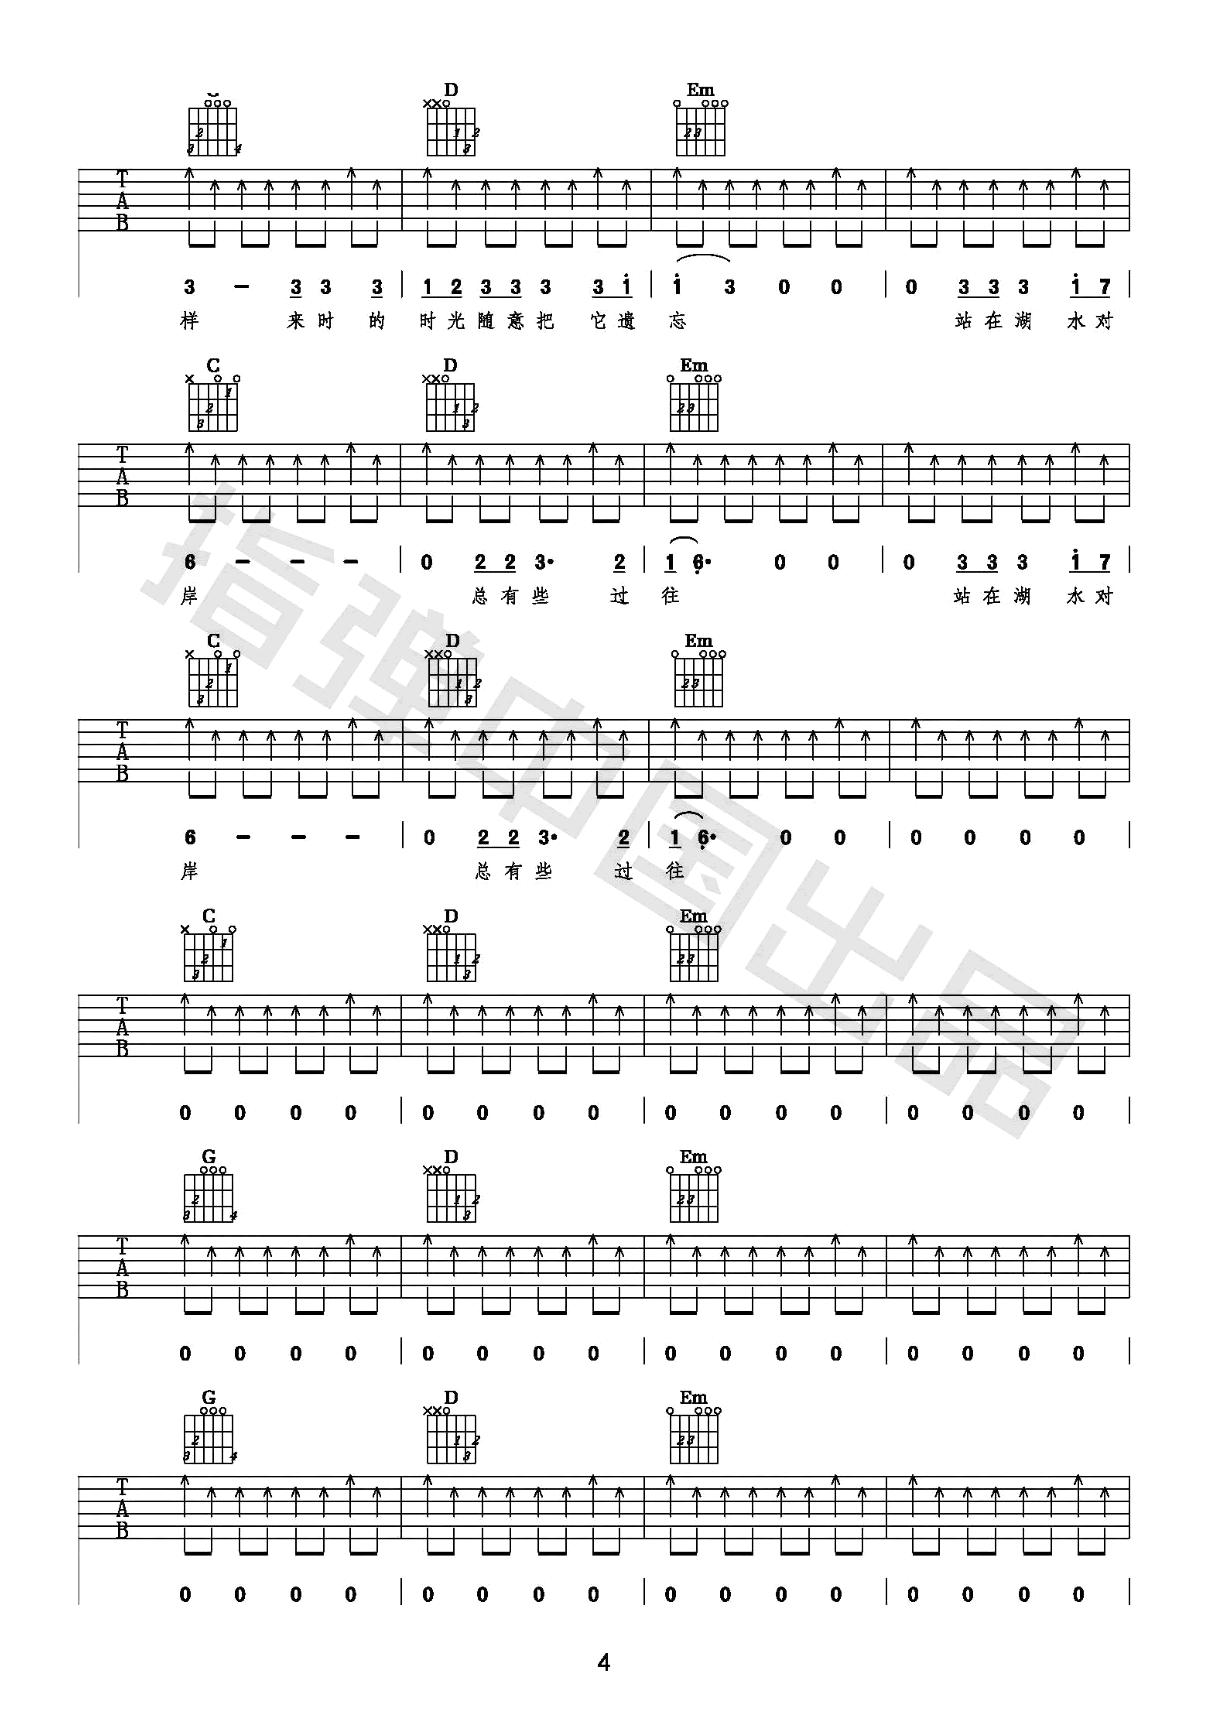 泸沽湖吉他谱-麻园诗人-弹唱教学-4